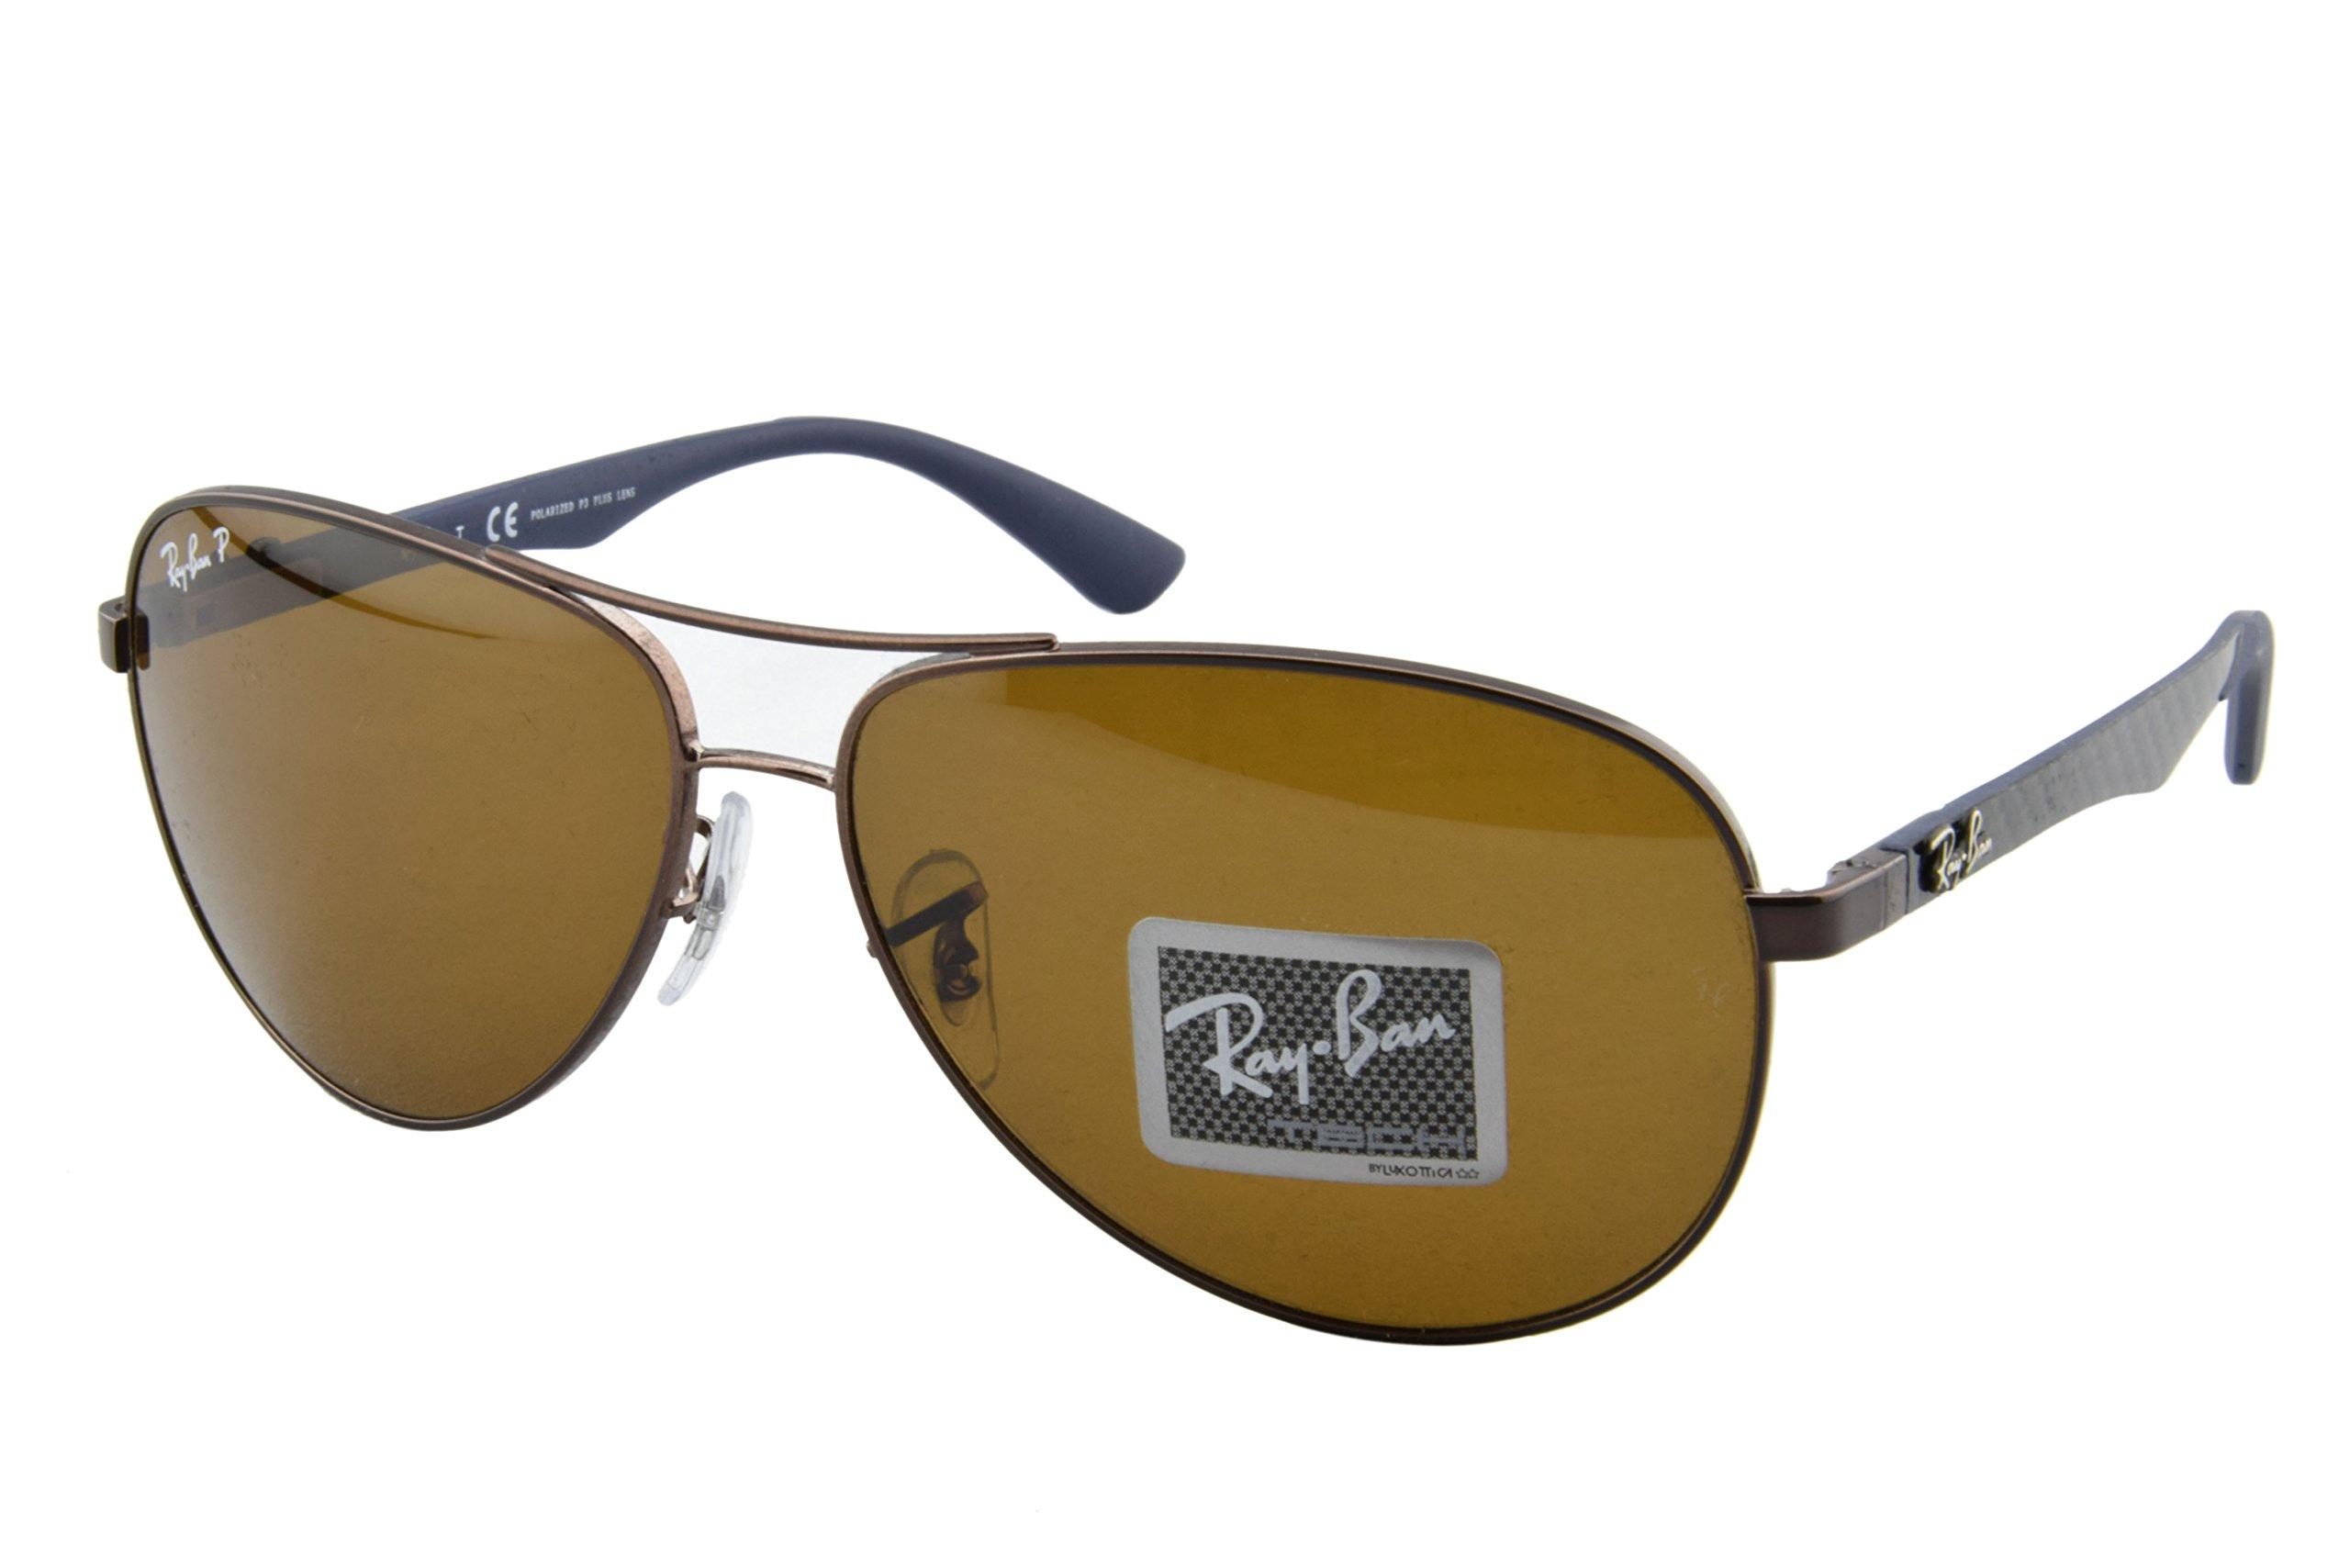 6462649efa Ray Ban Sunglasses Rb8310 Brown 014